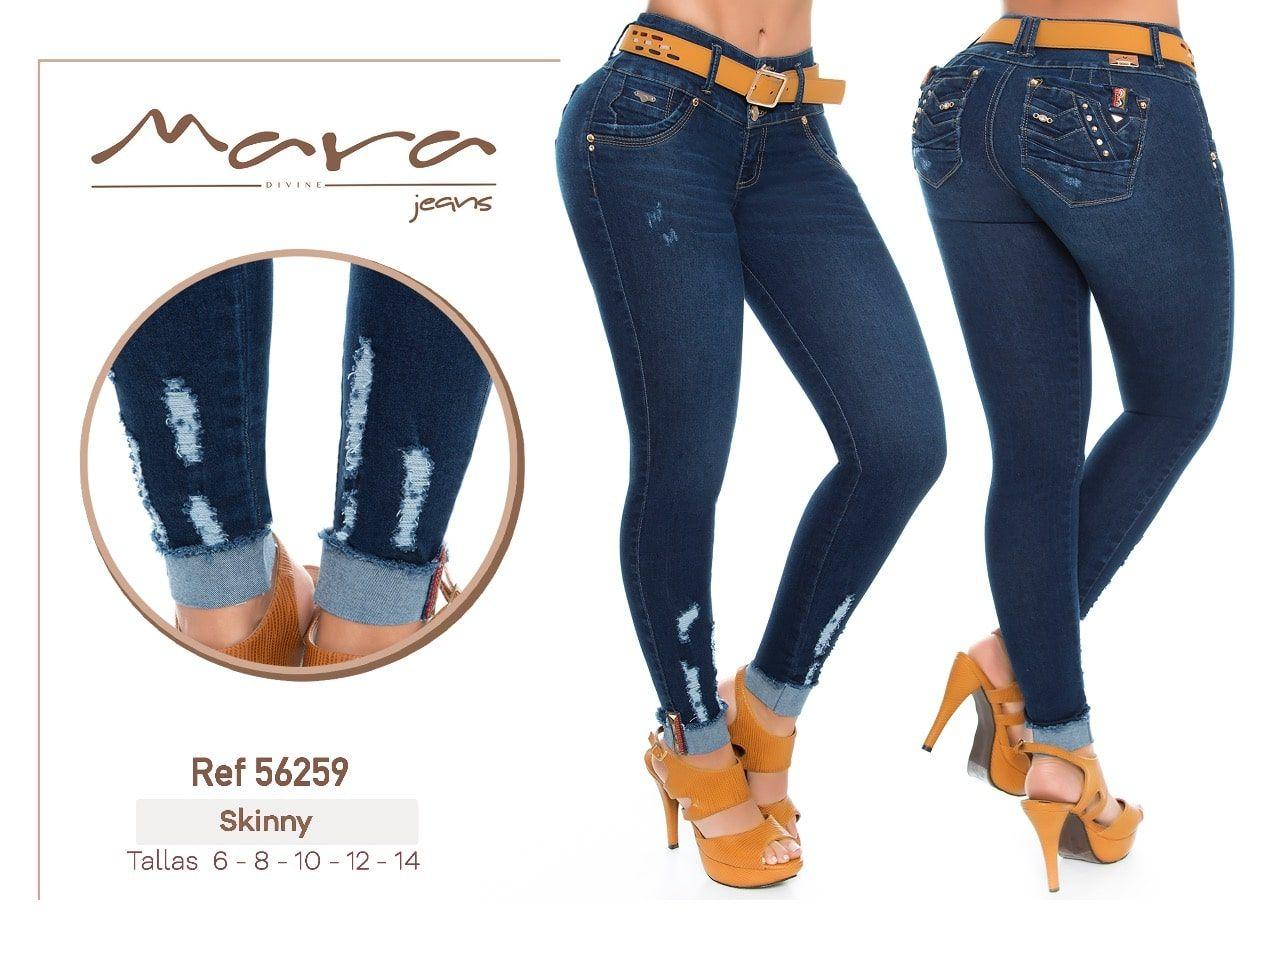 7eb7ad6db Pantalones Colombianos en Kprichos Moda Latina- Tienda online de ...